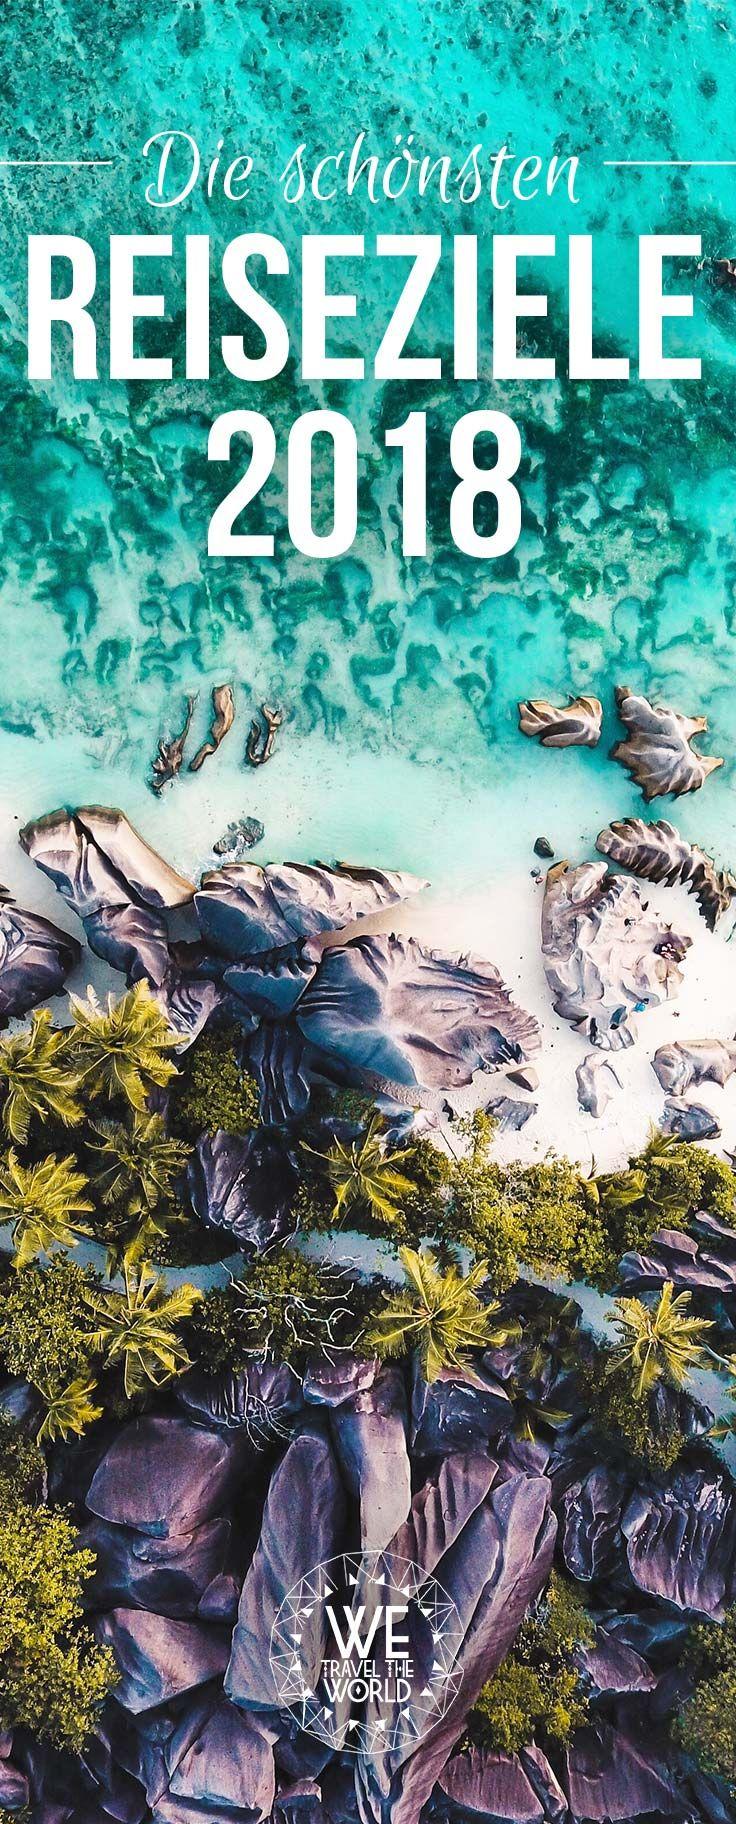 Die schönsten Reiseziele 2018 – In unserem Jahresrückblick 2017 findest du die beste Reiseinspiration für dein Reisejahr 2018. Viel Spaß bei der Urlaubsplanung! #urlaub #inspiration #reisetipps #reiseplanung2018